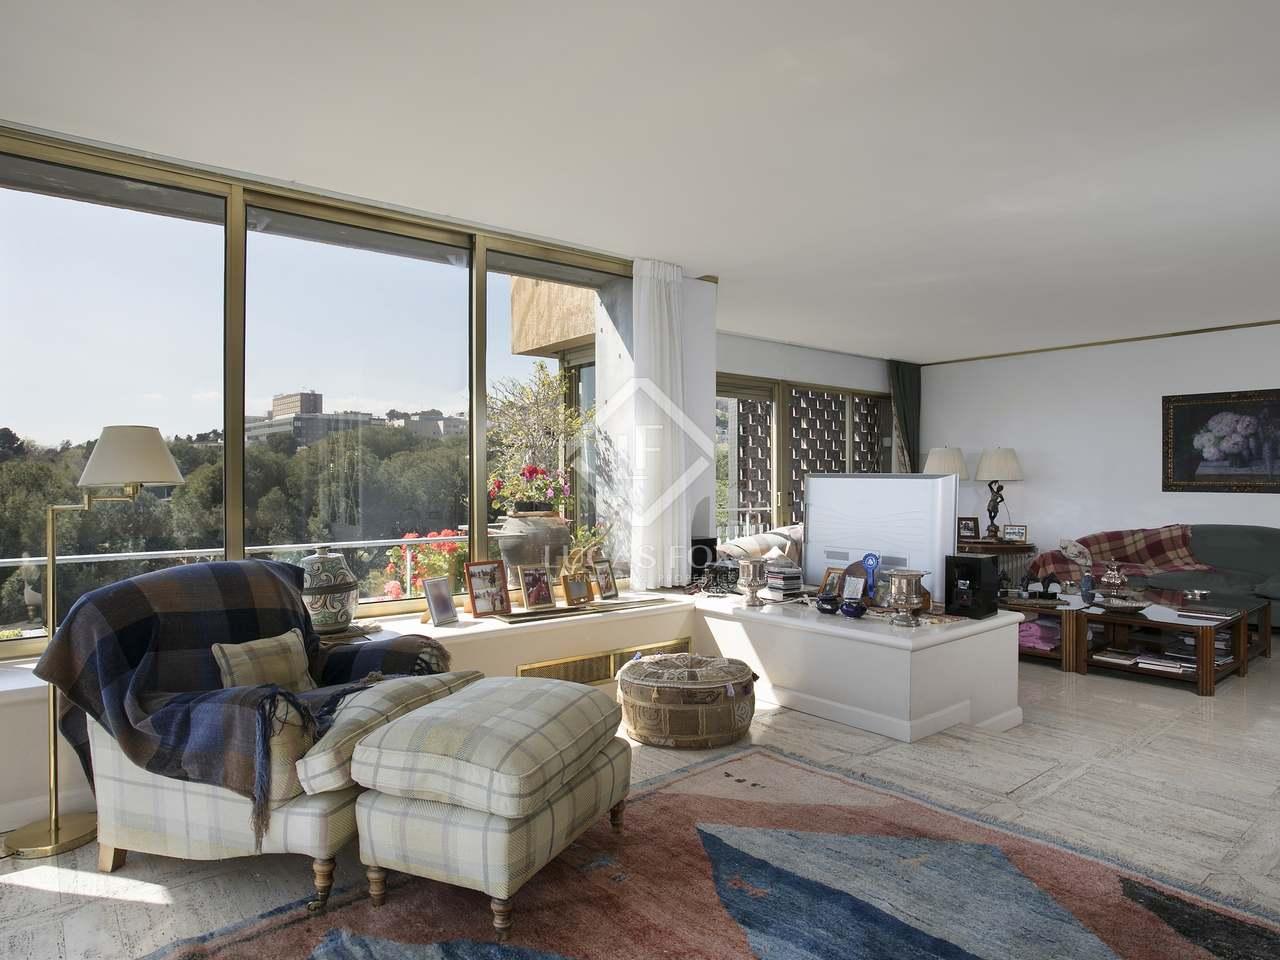 Apartamento de 200 m en alquiler en pedralbes barcelona for Alquiler de dormitorios